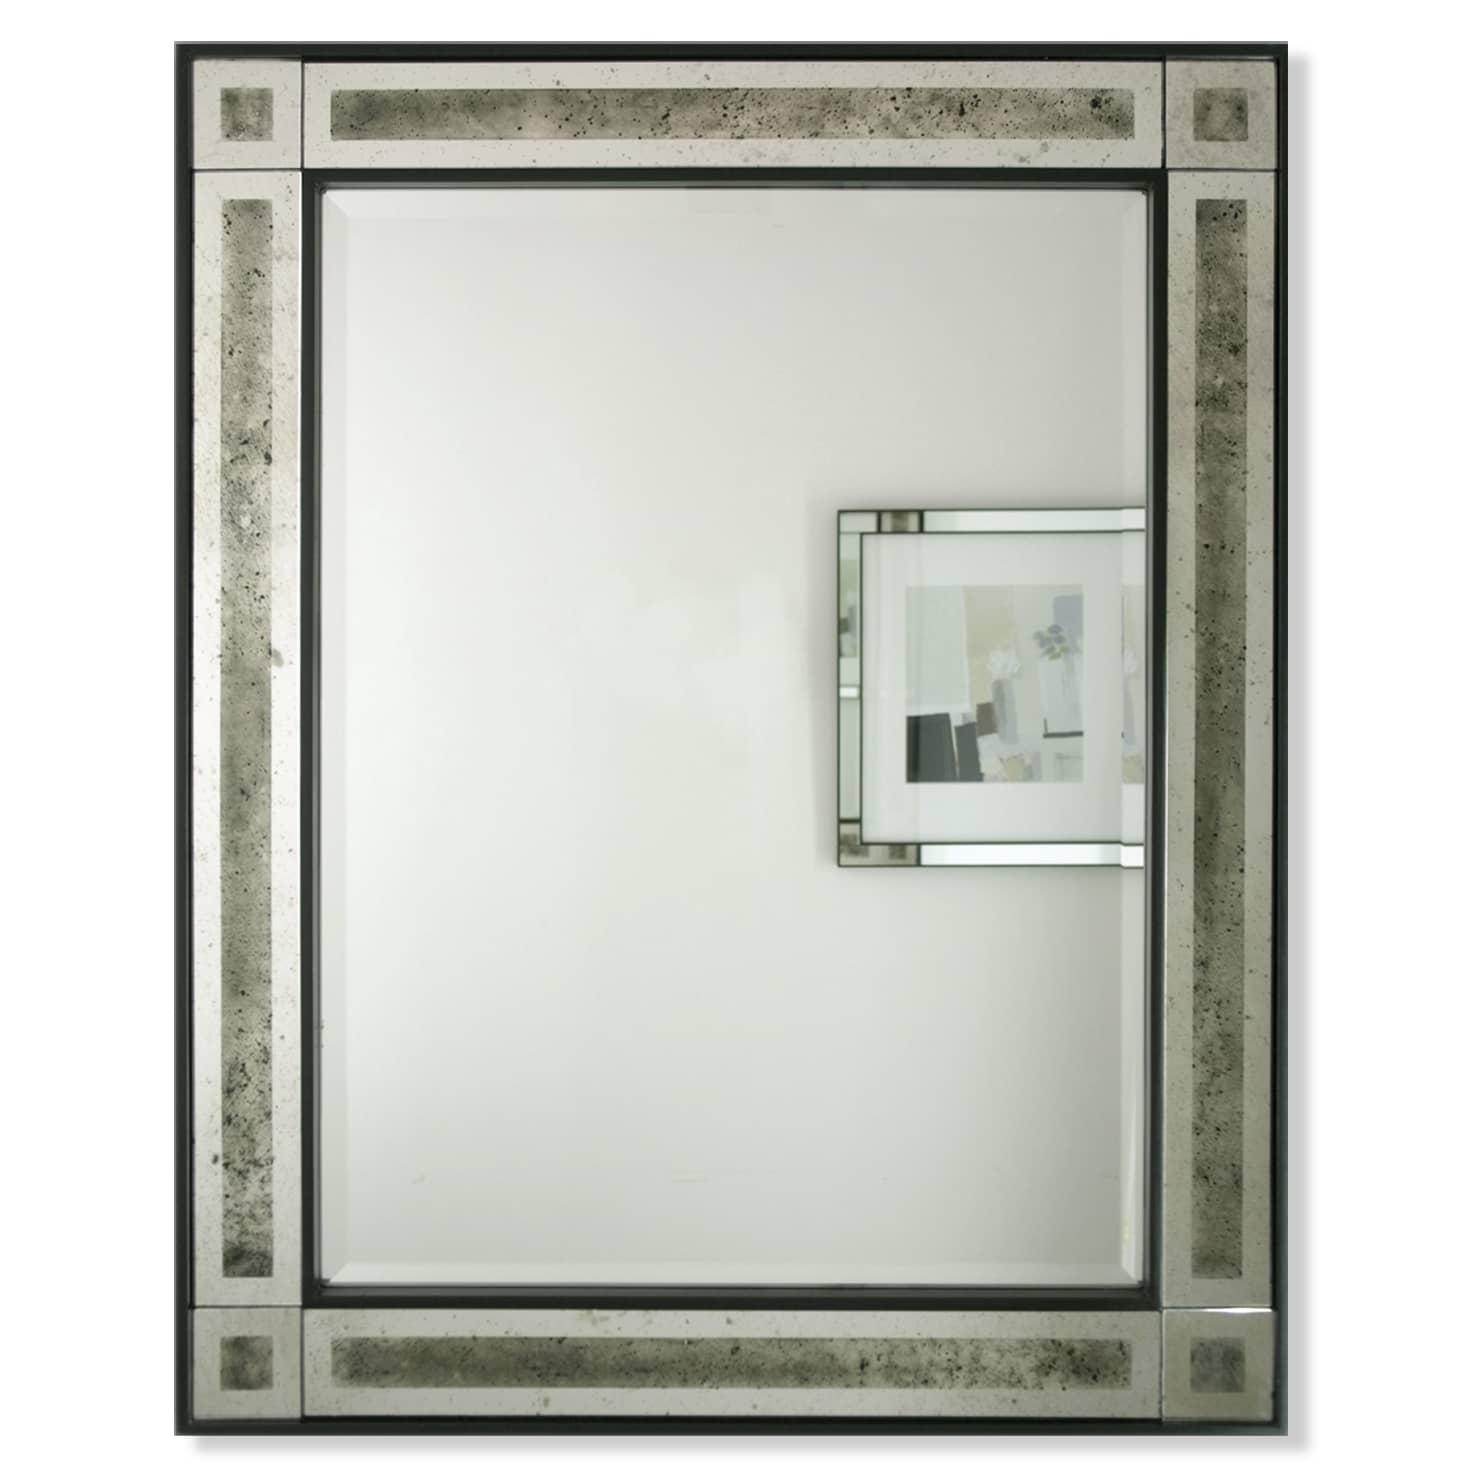 Arunde Antique Framed Mirror